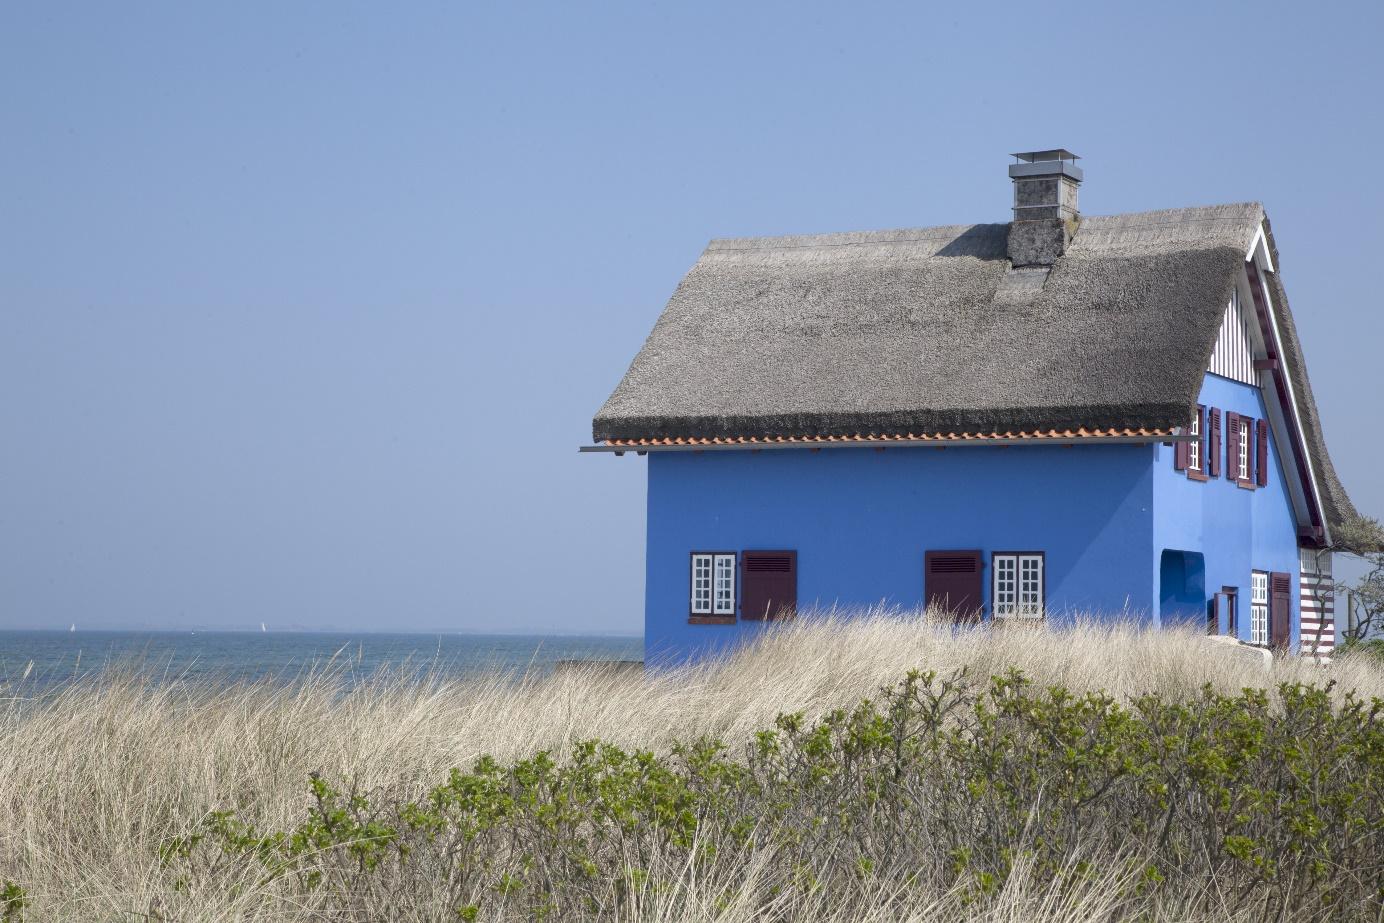 Ferienimmobilie am Meer